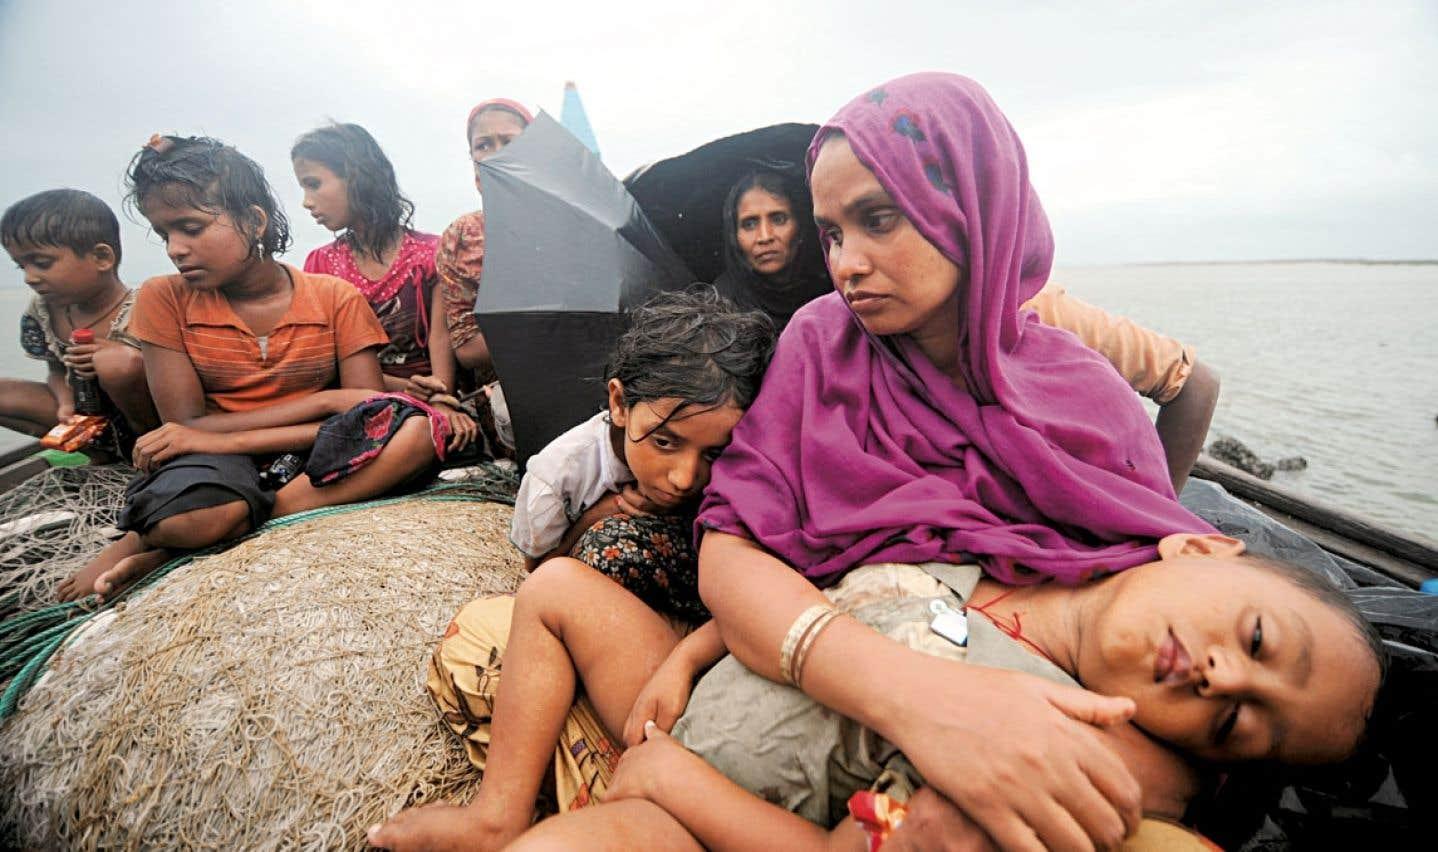 Alors qu'ils tentaient de traverser la rivière Naf pour entrer au Bangladesh et fuir la violence sectaire au Myanmar, des Rohingyas musulmans ont été interceptés sur leur bateau à Teknaf, le 13 juin 2012. Le Bangladesh a refoulé 16 bateaux transportant plus de 660 Rohingyas, surtout des femmes et des enfants.